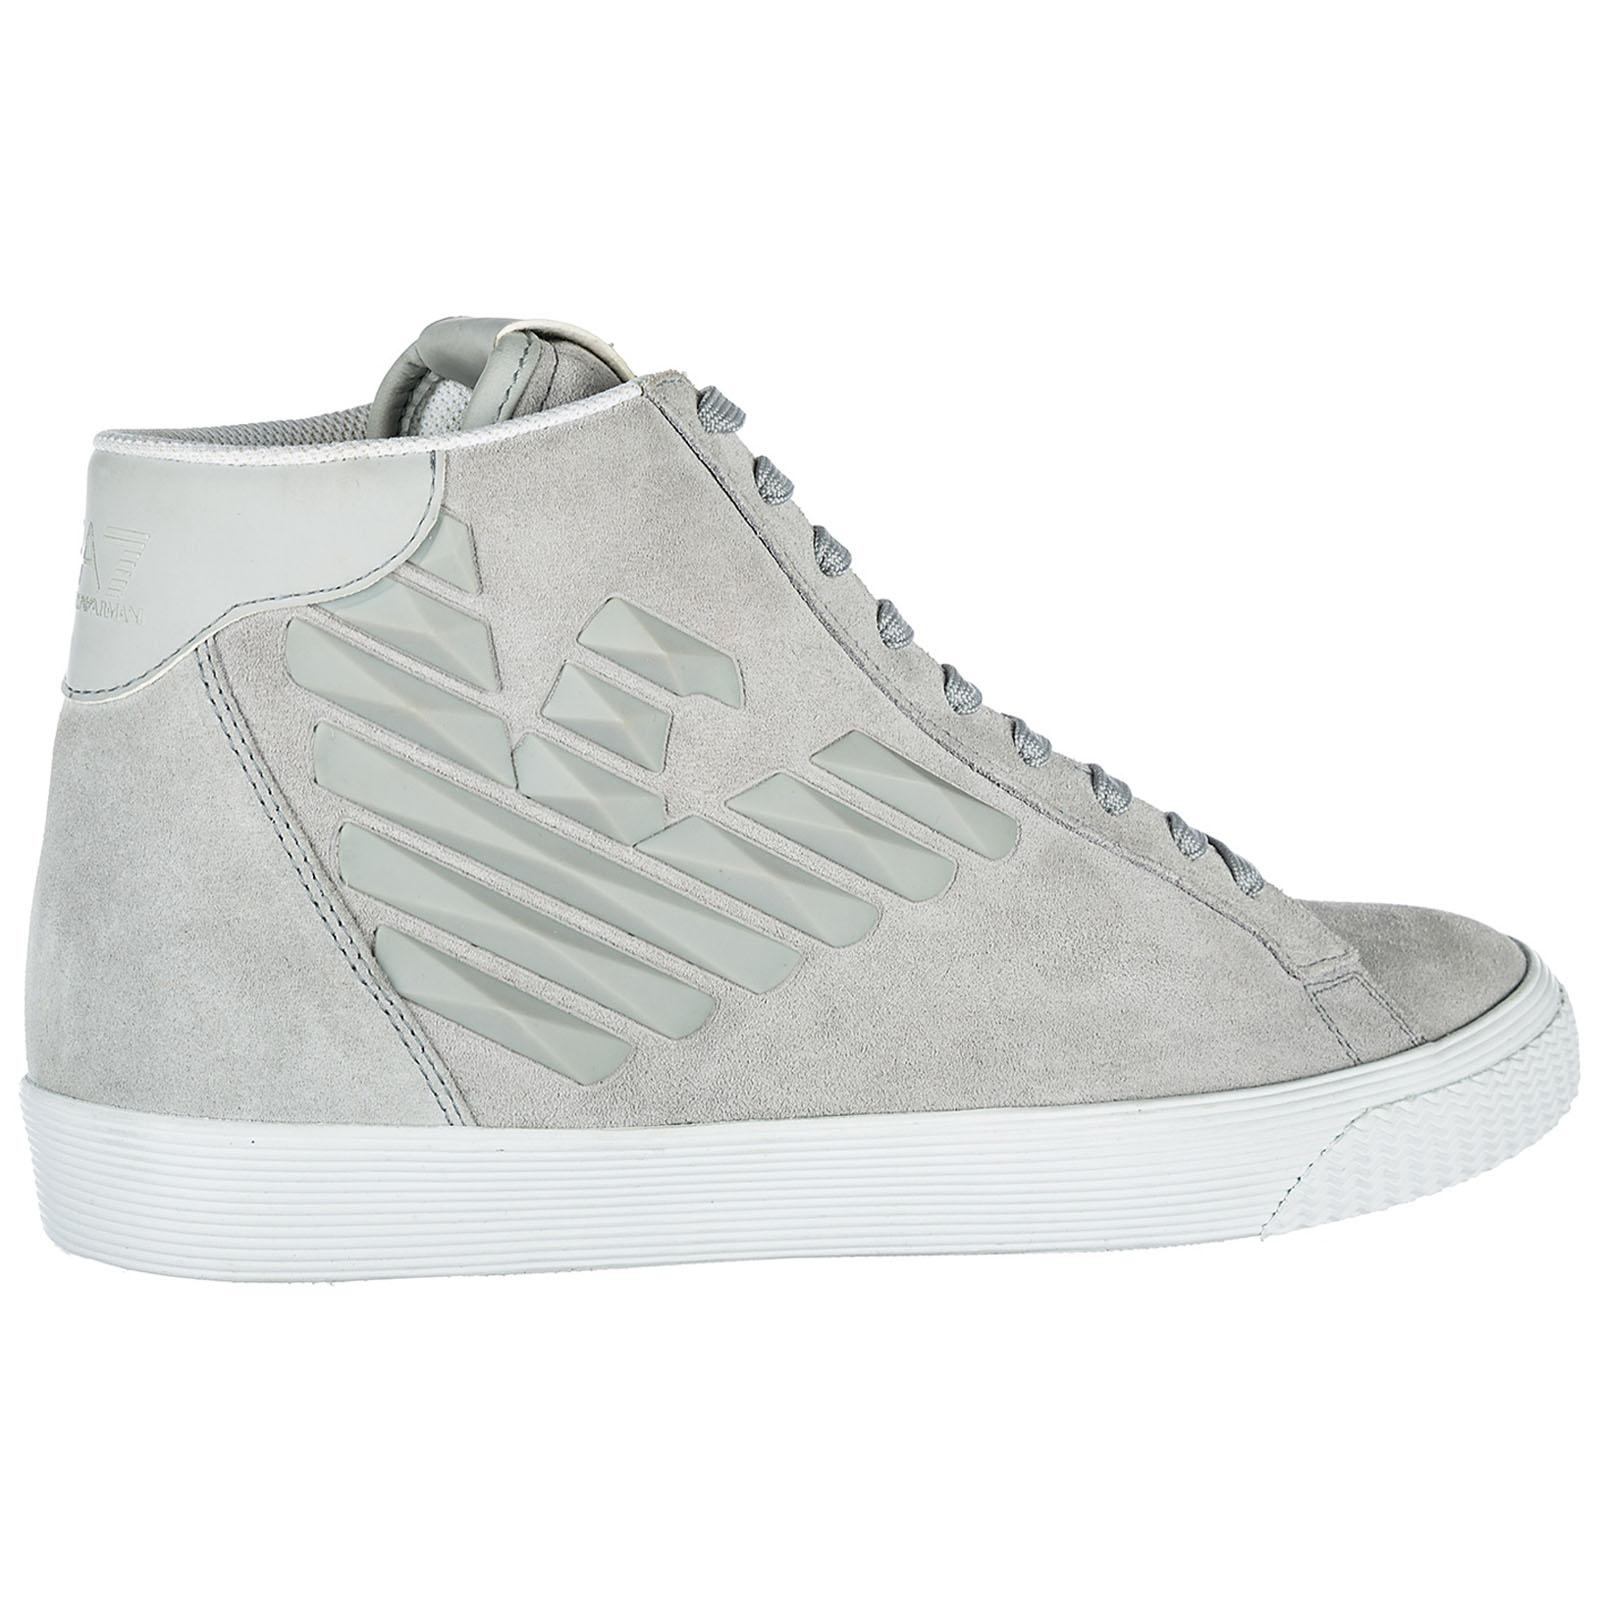 ... Scarpe sneakers alte uomo in camoscio pride trasformers ... 1678f27a1ac